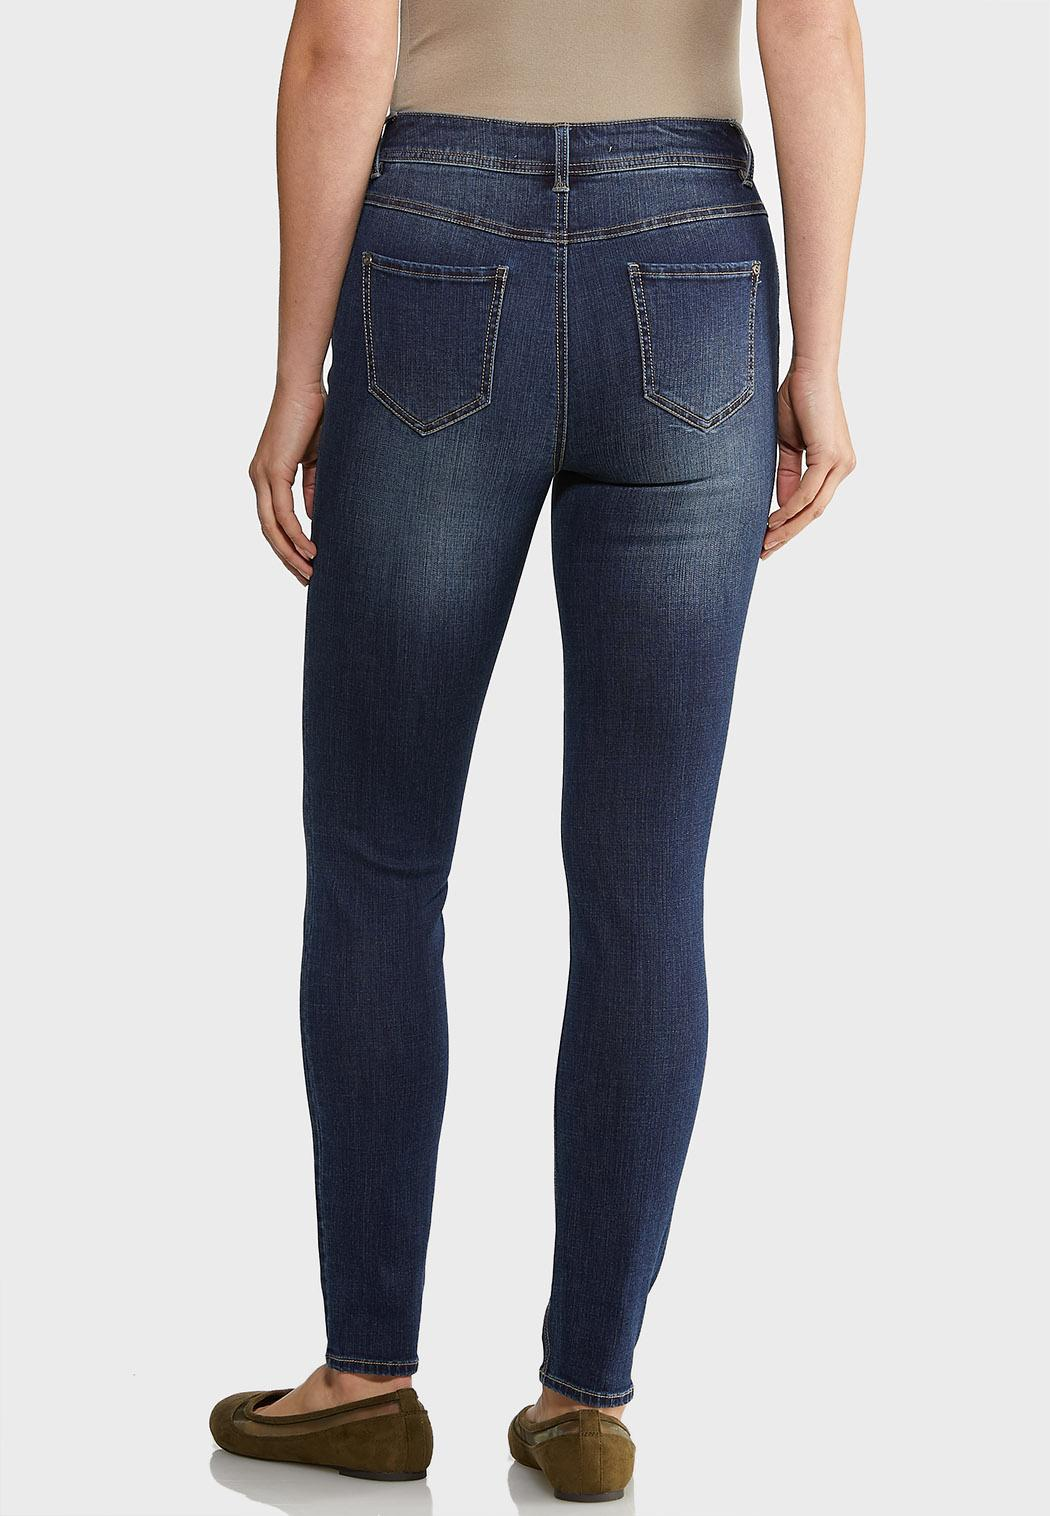 Dark Wash Skinny Jeans (Item #43929070)